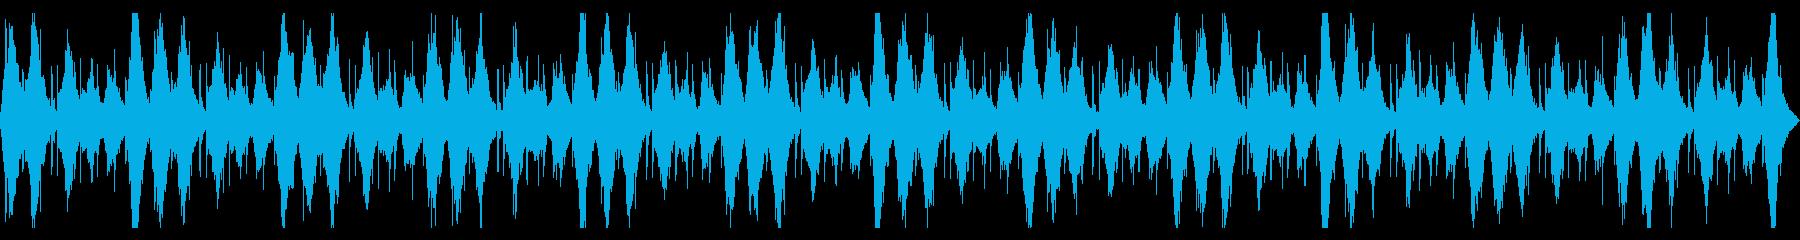 神聖、水、青を想起させるテクスチャーの再生済みの波形